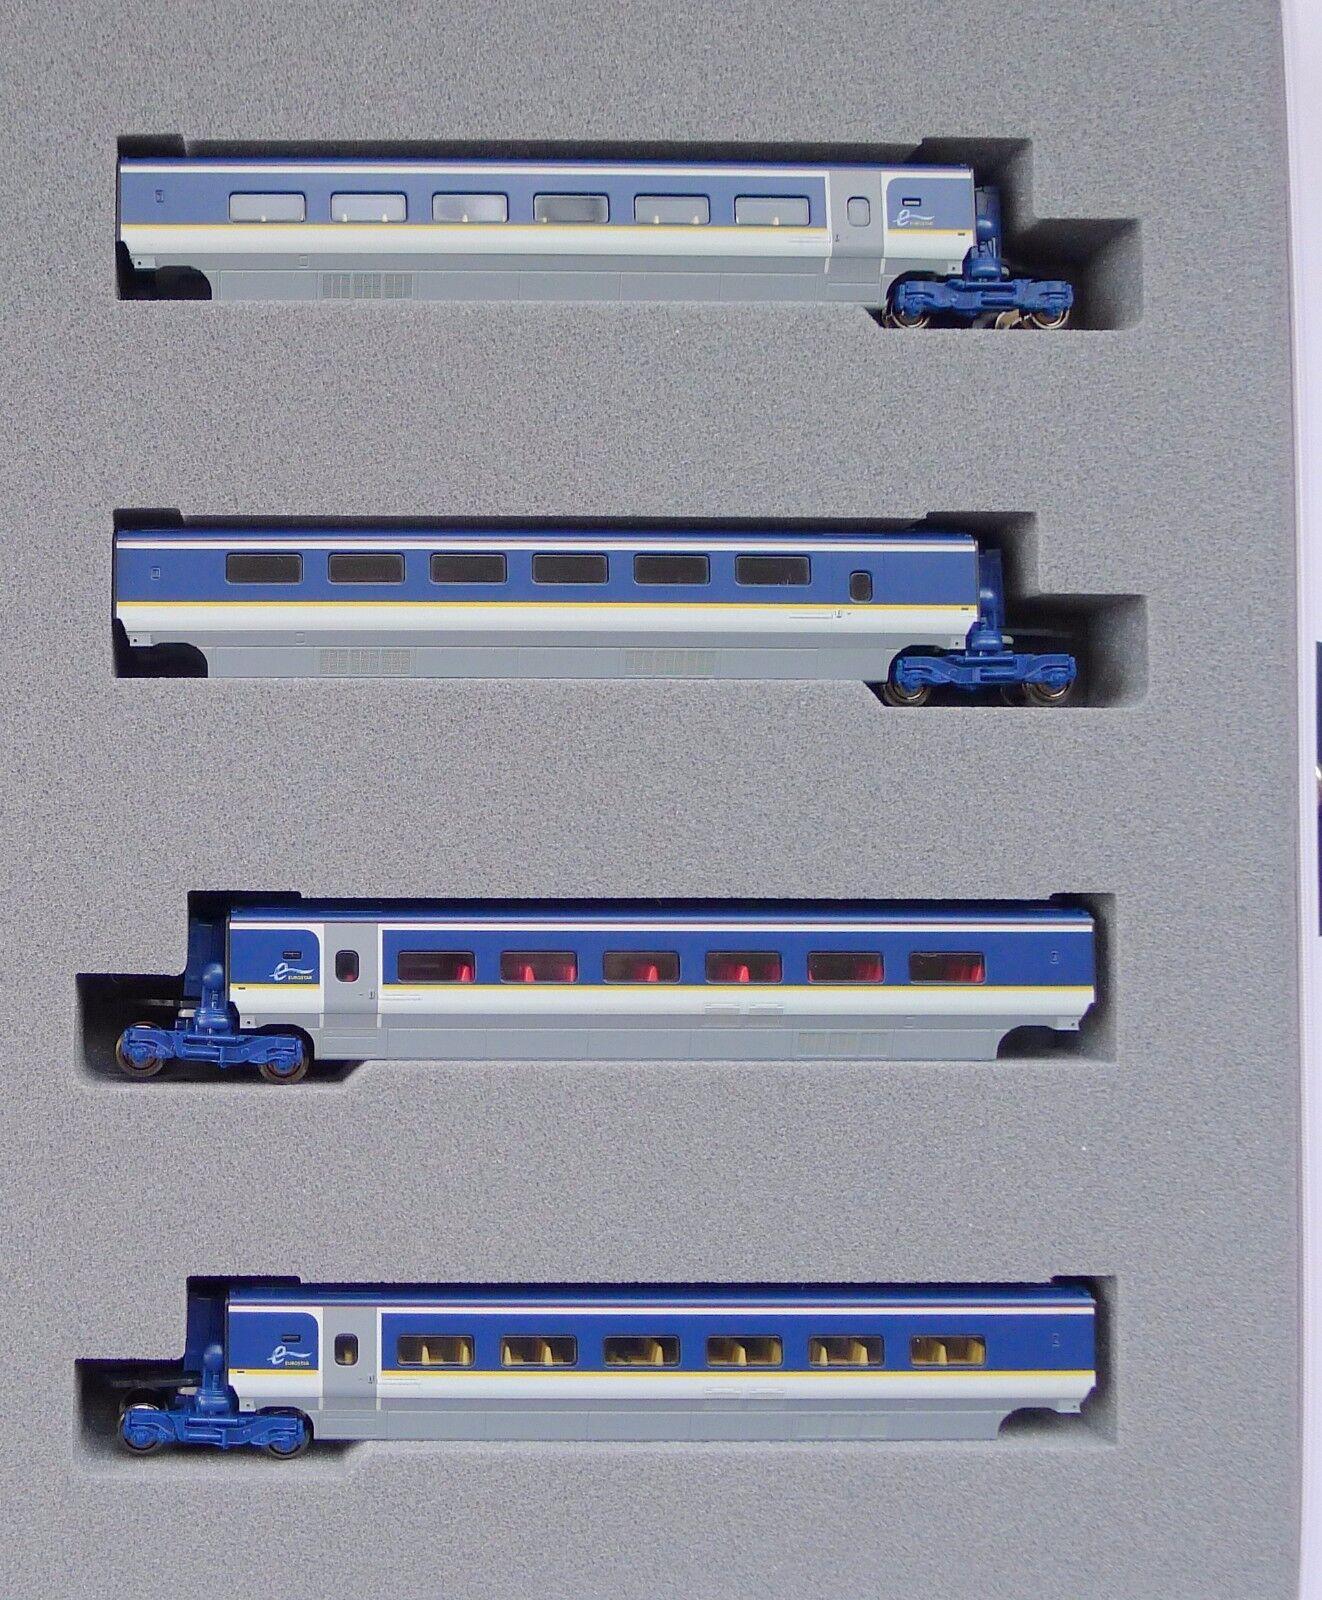 Kato N Scale 10-1298 Eurostar Nuevo Coloree e300 Conjunto de 4 coches Añadir En